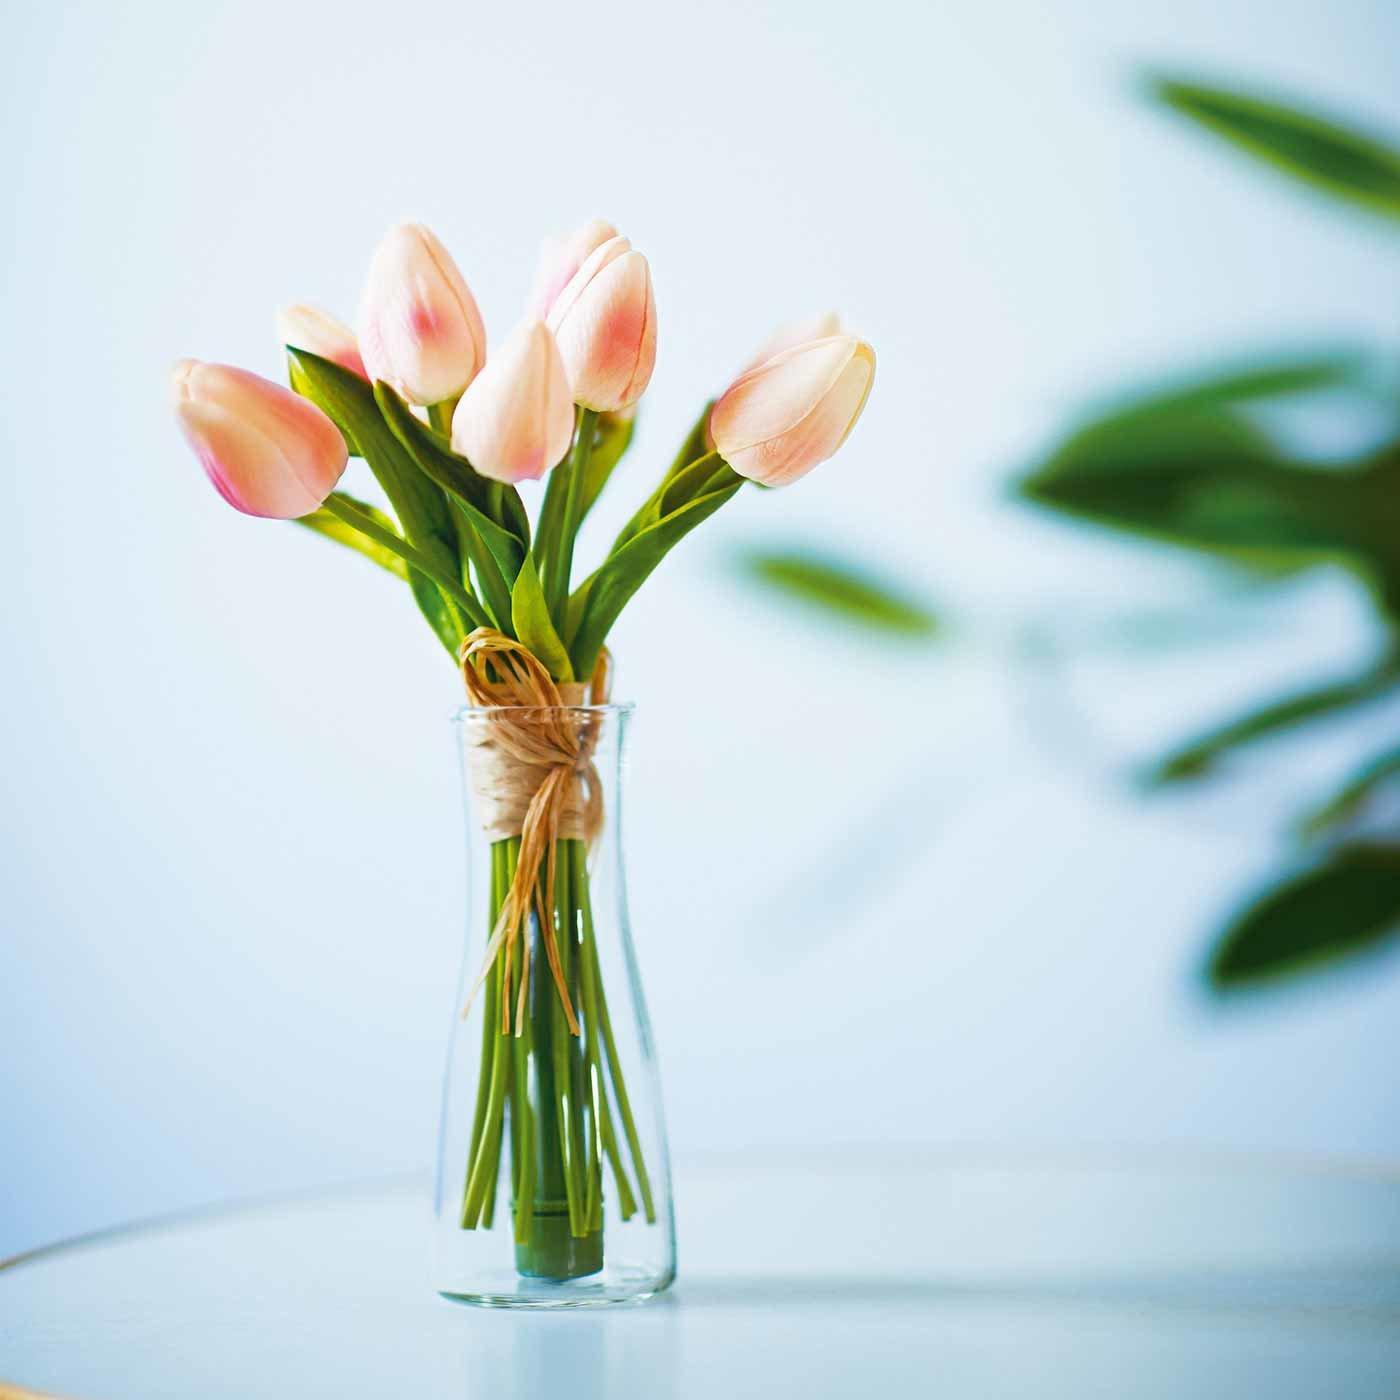 やさしく光るお花をモチーフにしたフラワーLEDライト